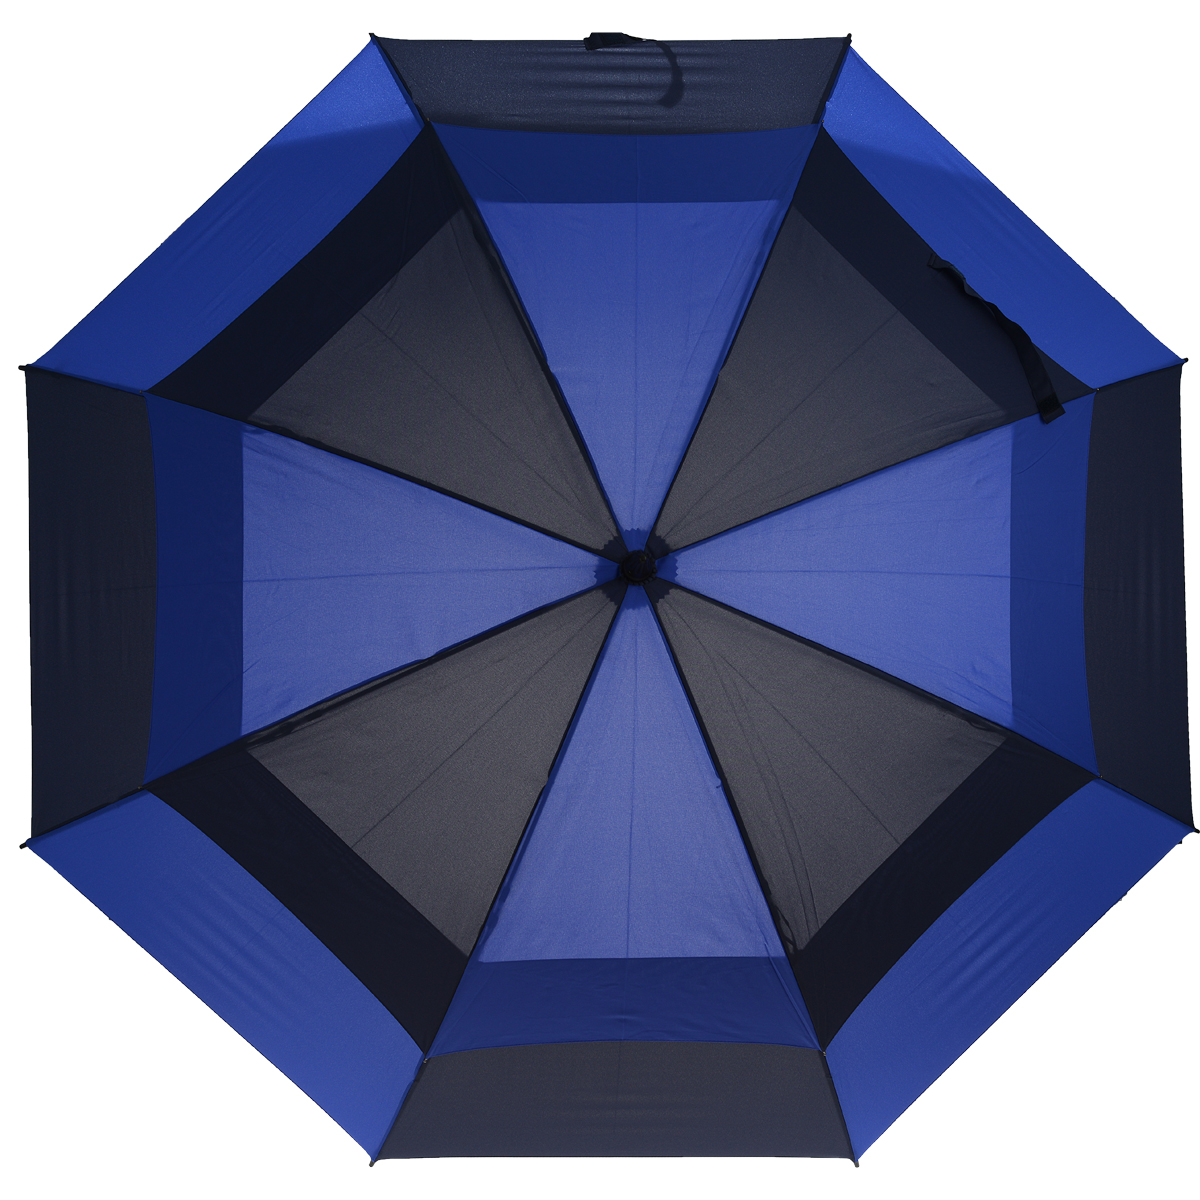 Зонт-трость Stormshield, механический, цвет: синий. S 669 3S2167REM12-CAM-REDBLACKОригинальный механический зонт-трость Stormshield с двойным куполом способен укрыть от дождя и штормового ветра небольшую компанию. Усиленный каркас зонта состоит из прочного стального стержня и 8 спиц из фибергласса. Купол выполнен из полиэстера синего цвета. Рукоятка зонта изготовлена из прорезиненного пластика.Зонт-трость имеет механический тип сложения: купол открывается и закрывается вручную до характерного щелчка.Такой стильный и необычный зонт выделит вас из толпы и поднимет настроение окружающим. В комплекте - чехол для хранения. Характеристики: Материал: полиэстер, пластик, сталь, фибергласс. Цвет: синий. Диаметр купола: 130 см. Длина ручки (стержня) в раскрытом виде:92 см.Длина зонта (в закрытом виде): 99 см.Вес: 710 г. Артикул:S 669 3S2167.